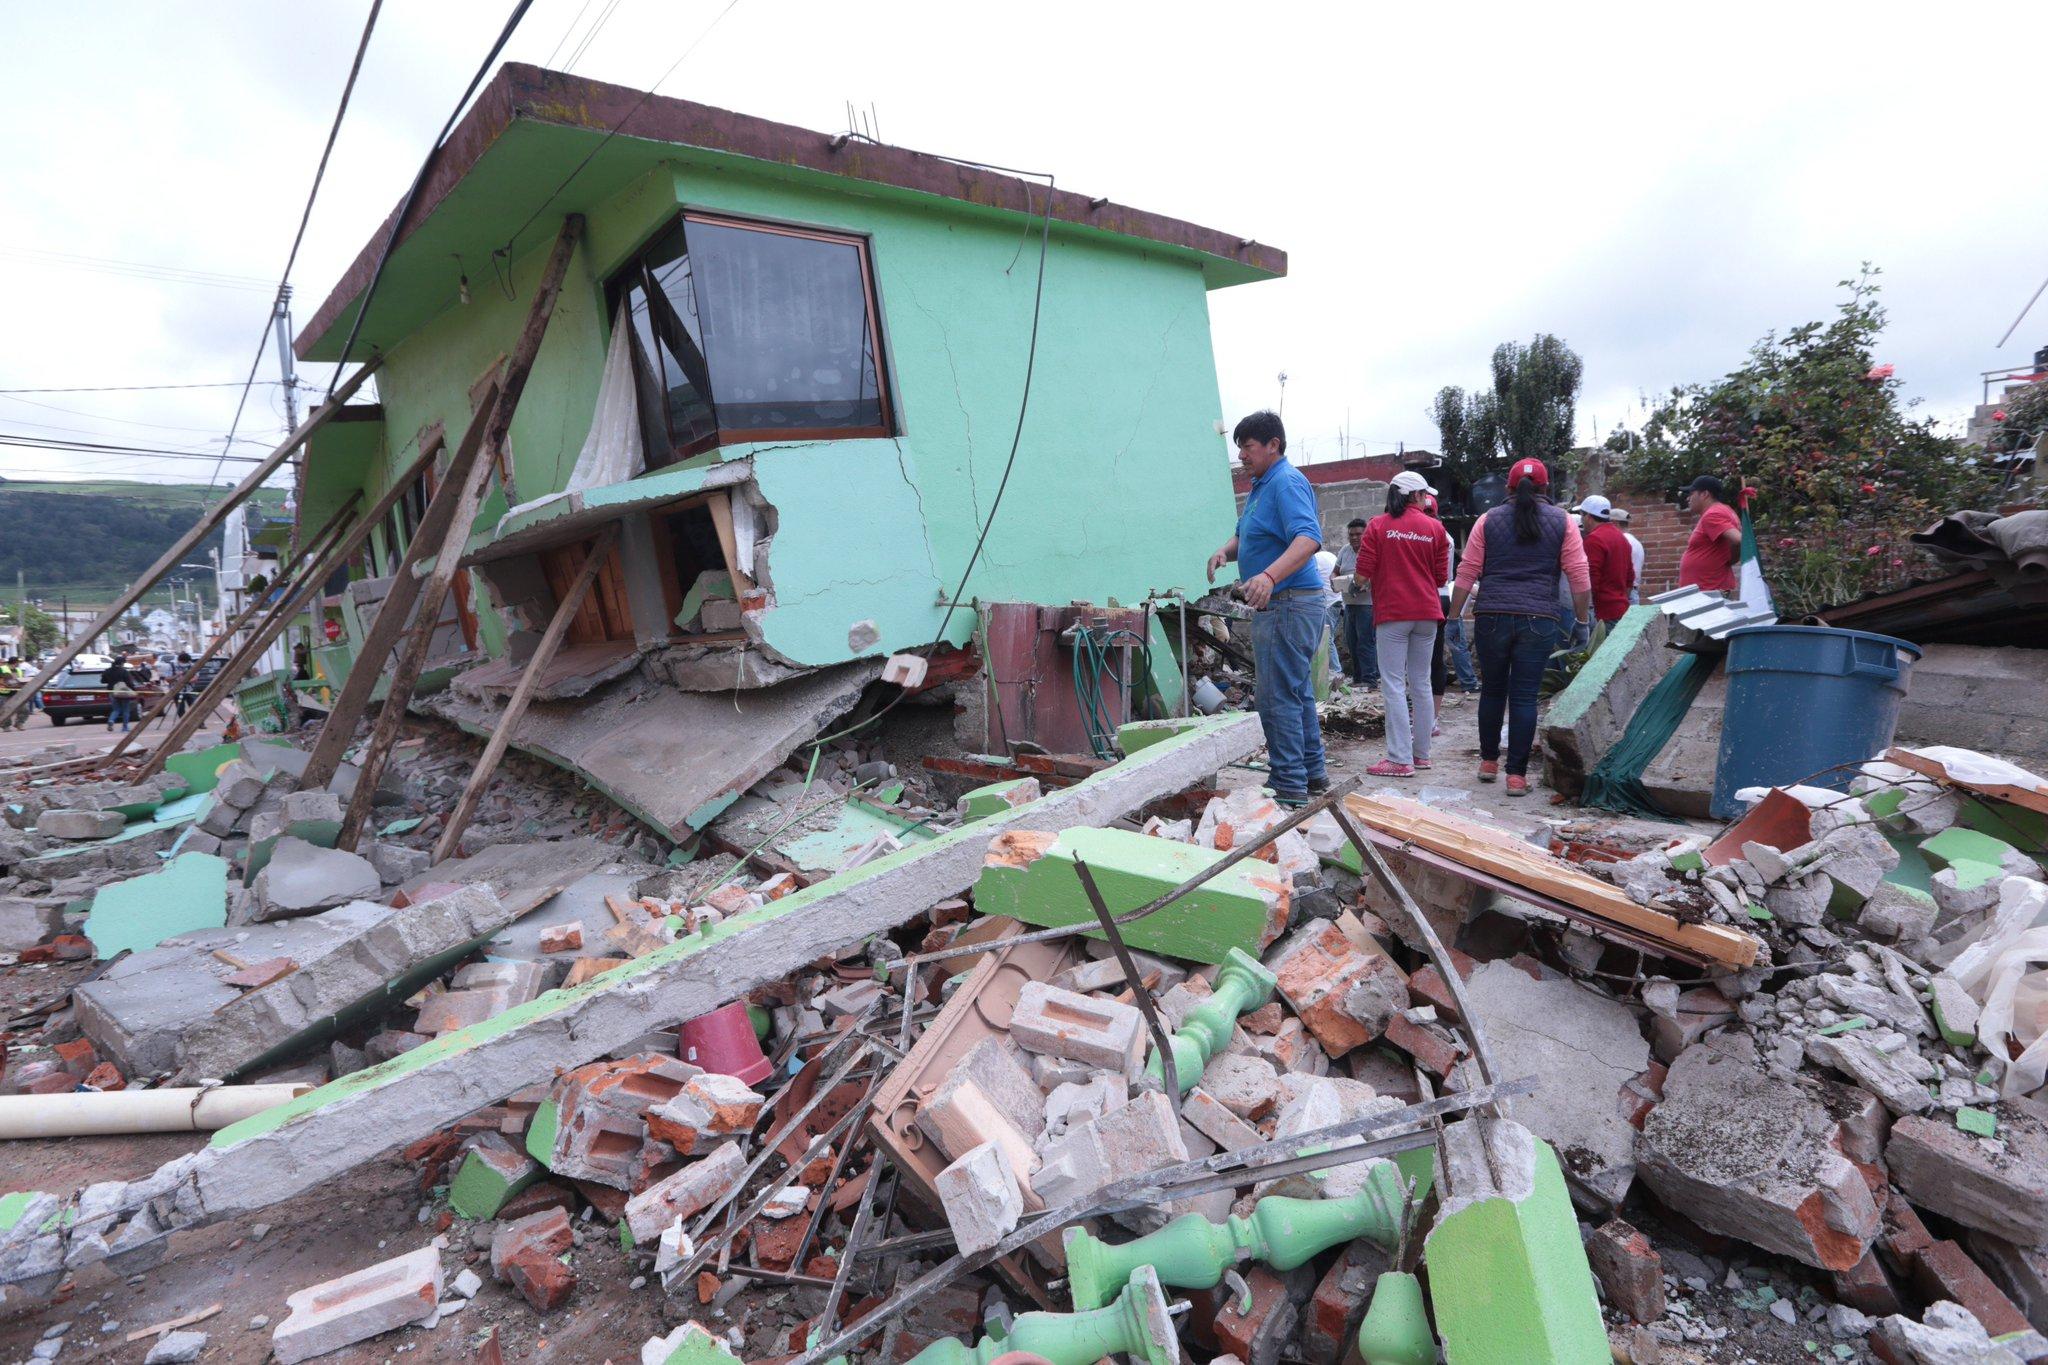 Panistas proponen liberar recursos de campañas para apoyar a víctimas del #sismo https://t.co/BZQEv1wvcg https://t.co/WwWS6HffIw